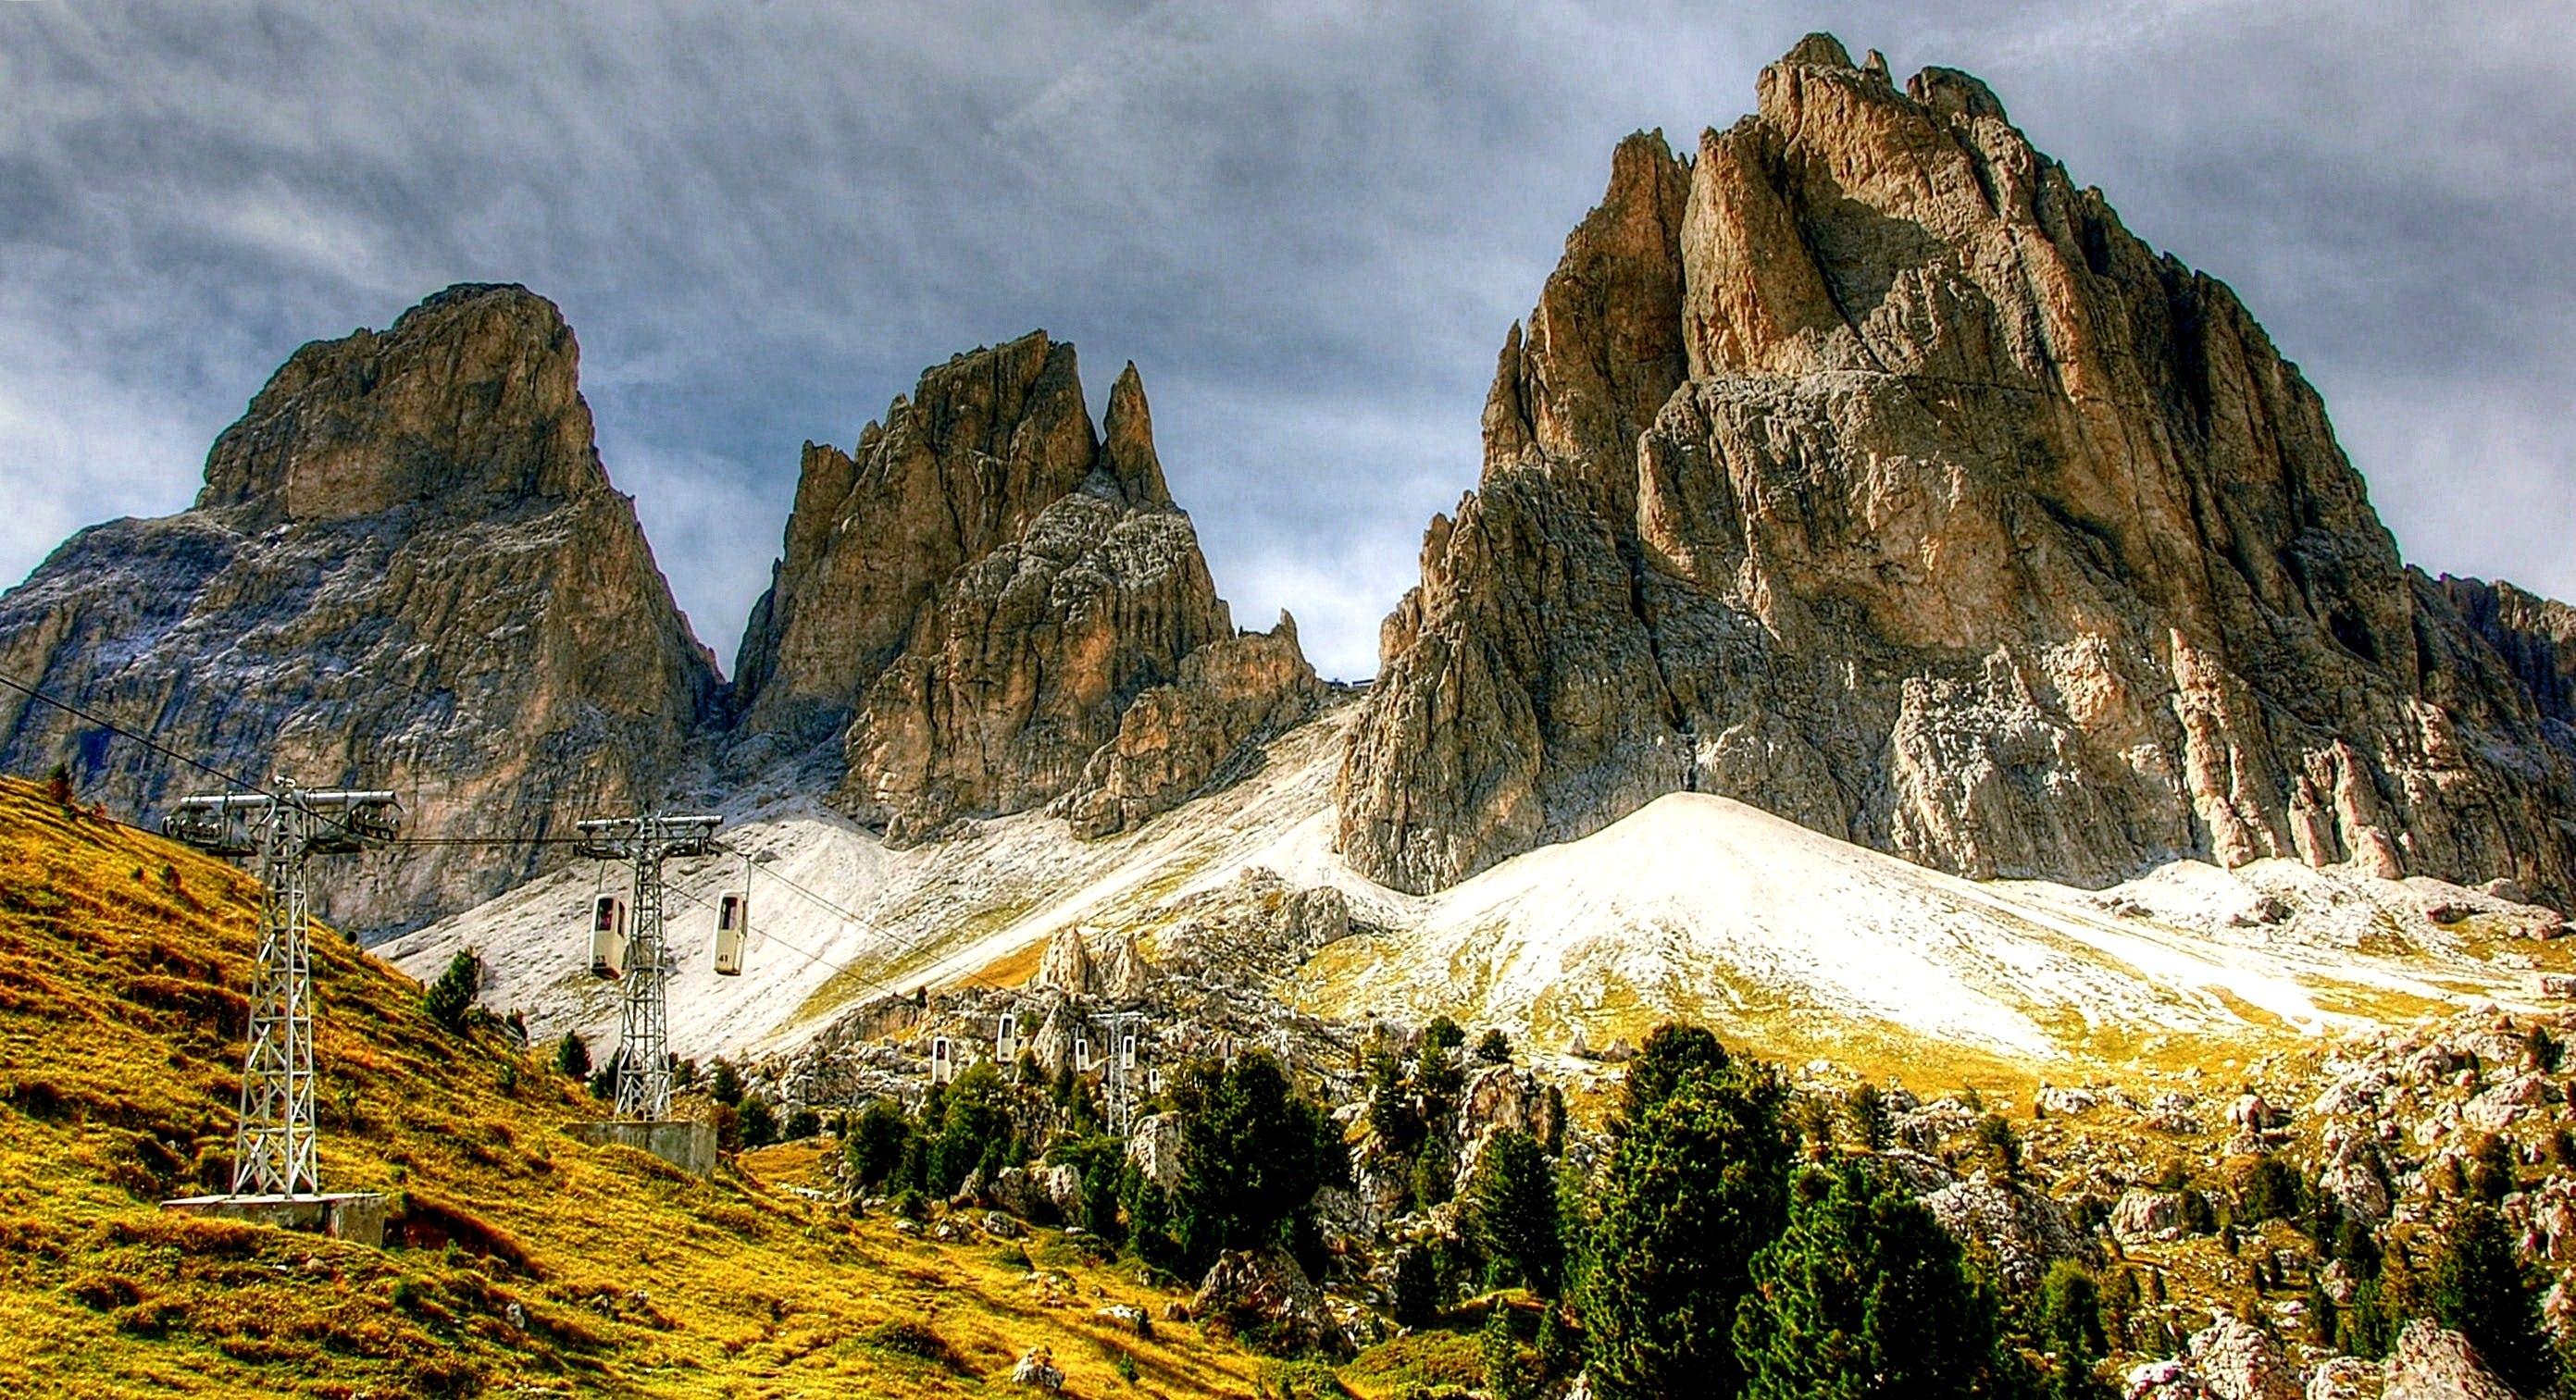 Gratis lagerfoto af bjerge, dagslys, fyrretræer, idyllisk